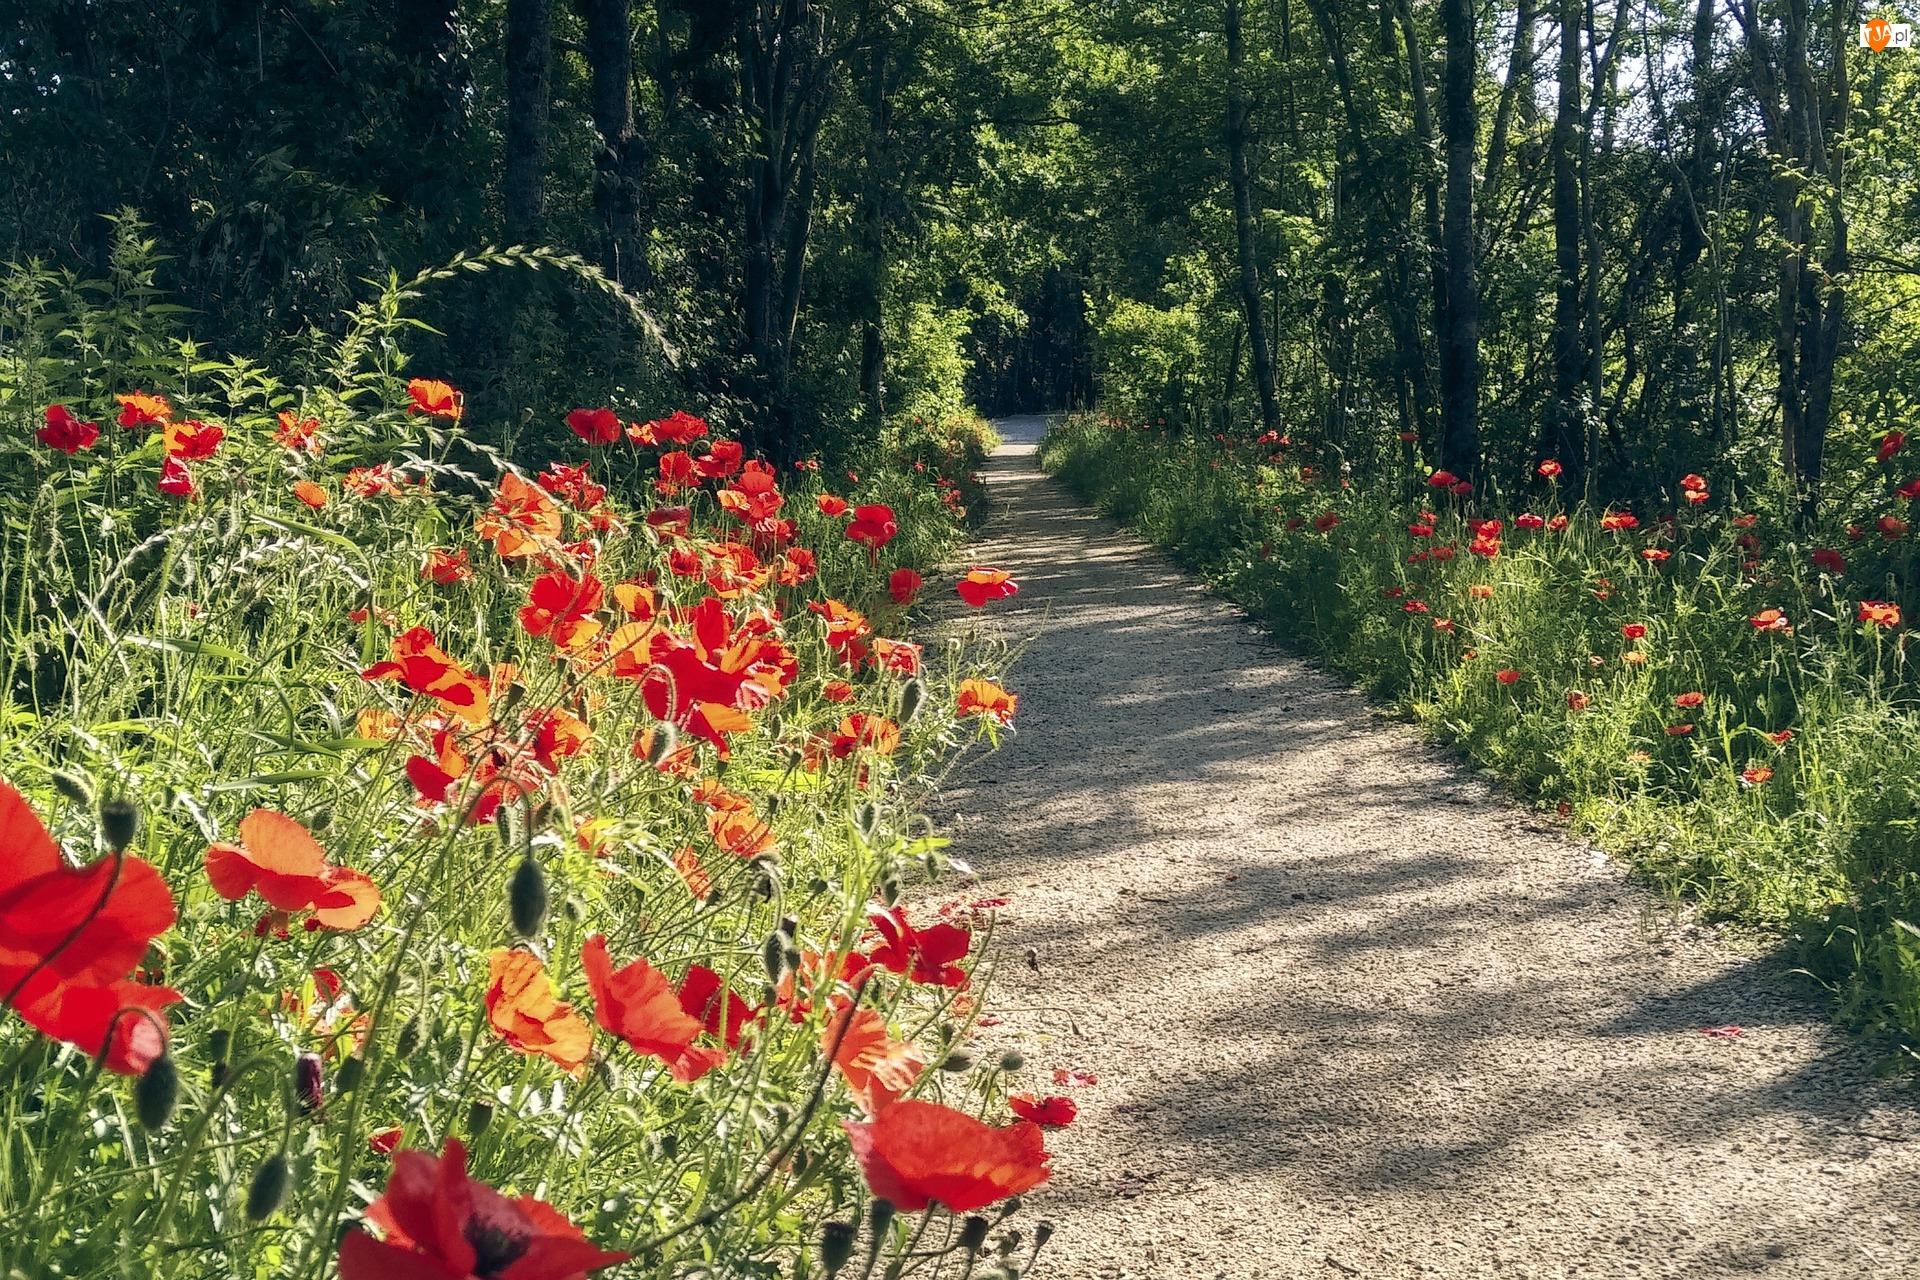 Ścieżka, Kwiaty, Maki, Droga